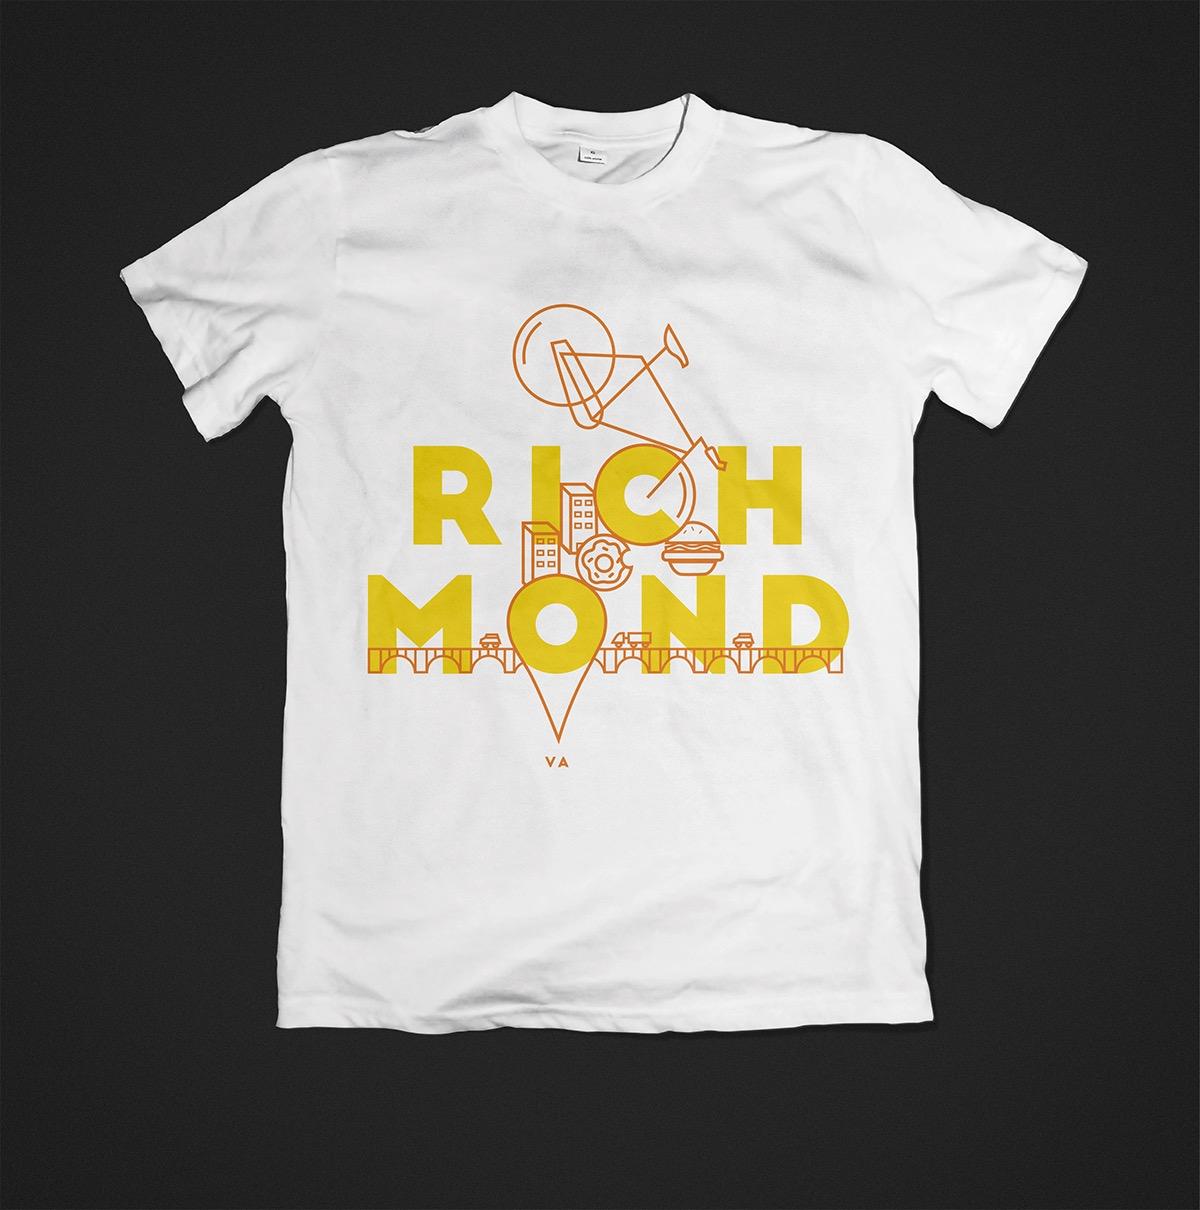 T shirt design richmond va - Winning Design For The Rva Design Competition In Richmond Va